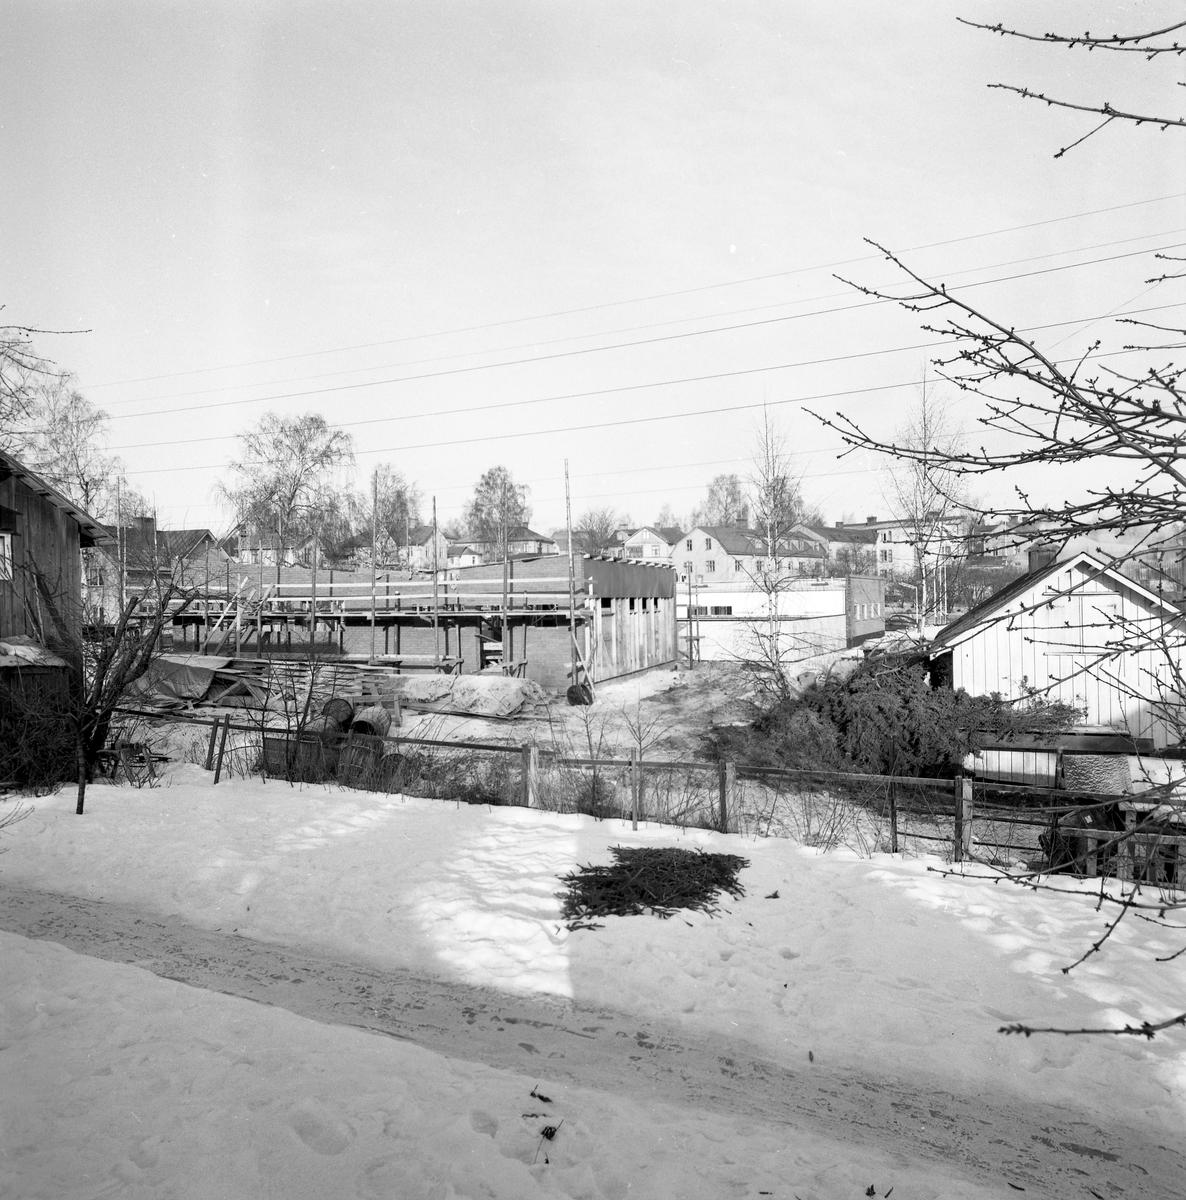 Konsumtionsföreningen i Arvika bygger nytt innanför dåvarande IC-macken på Kyrkogatan. Nuvarande adress är Allégatan 8 och bilden togs i februari 1961.